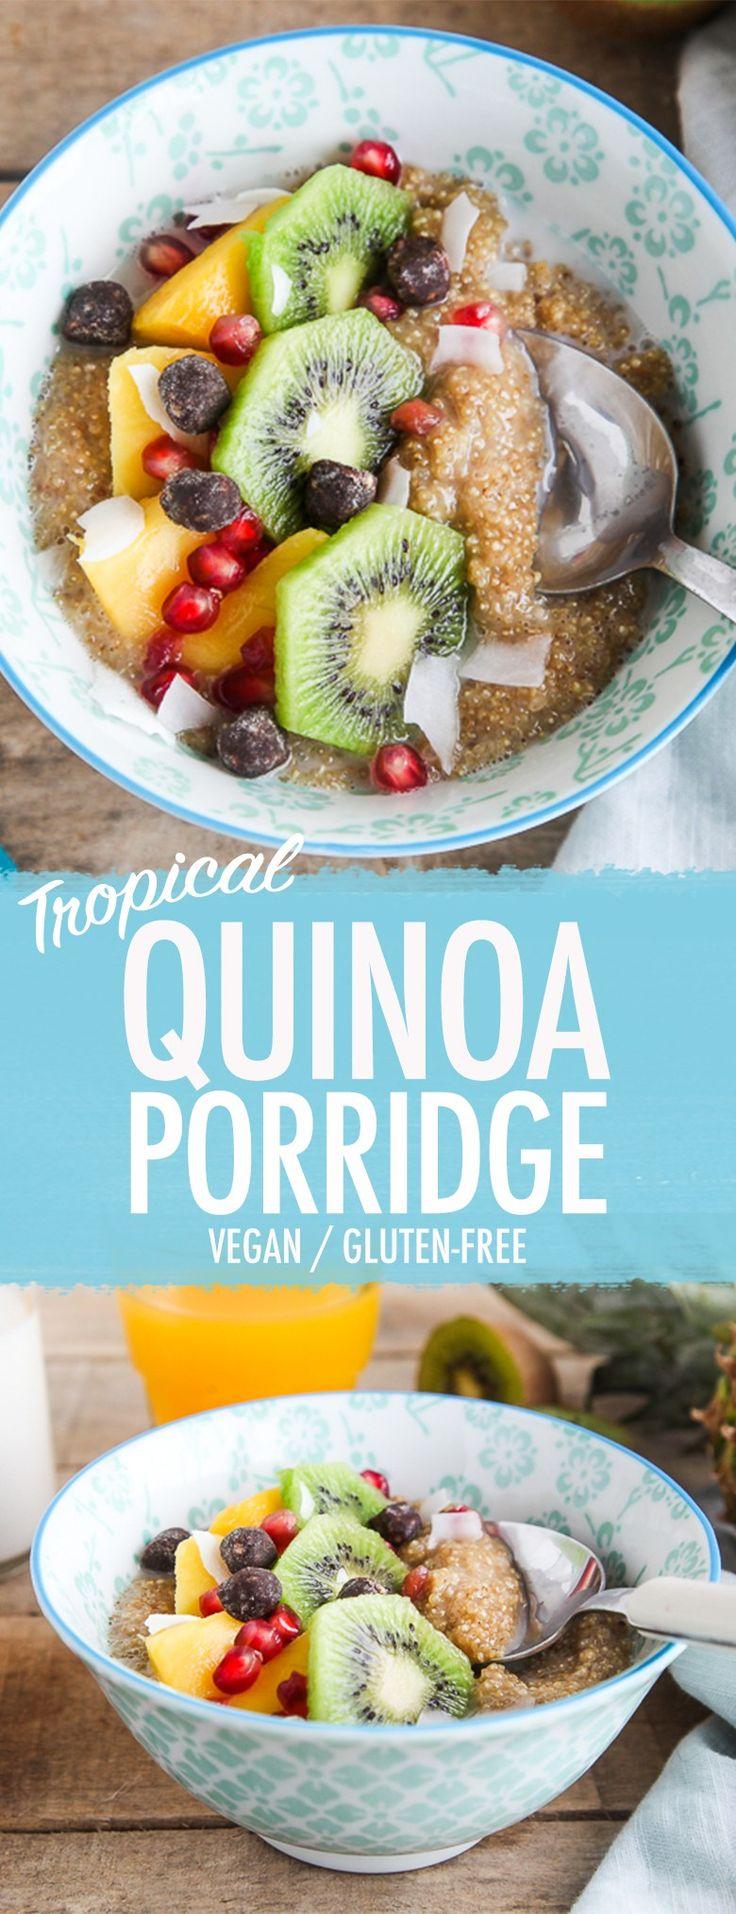 Tropical Quinoa Porridge (vegan, gluten-free)